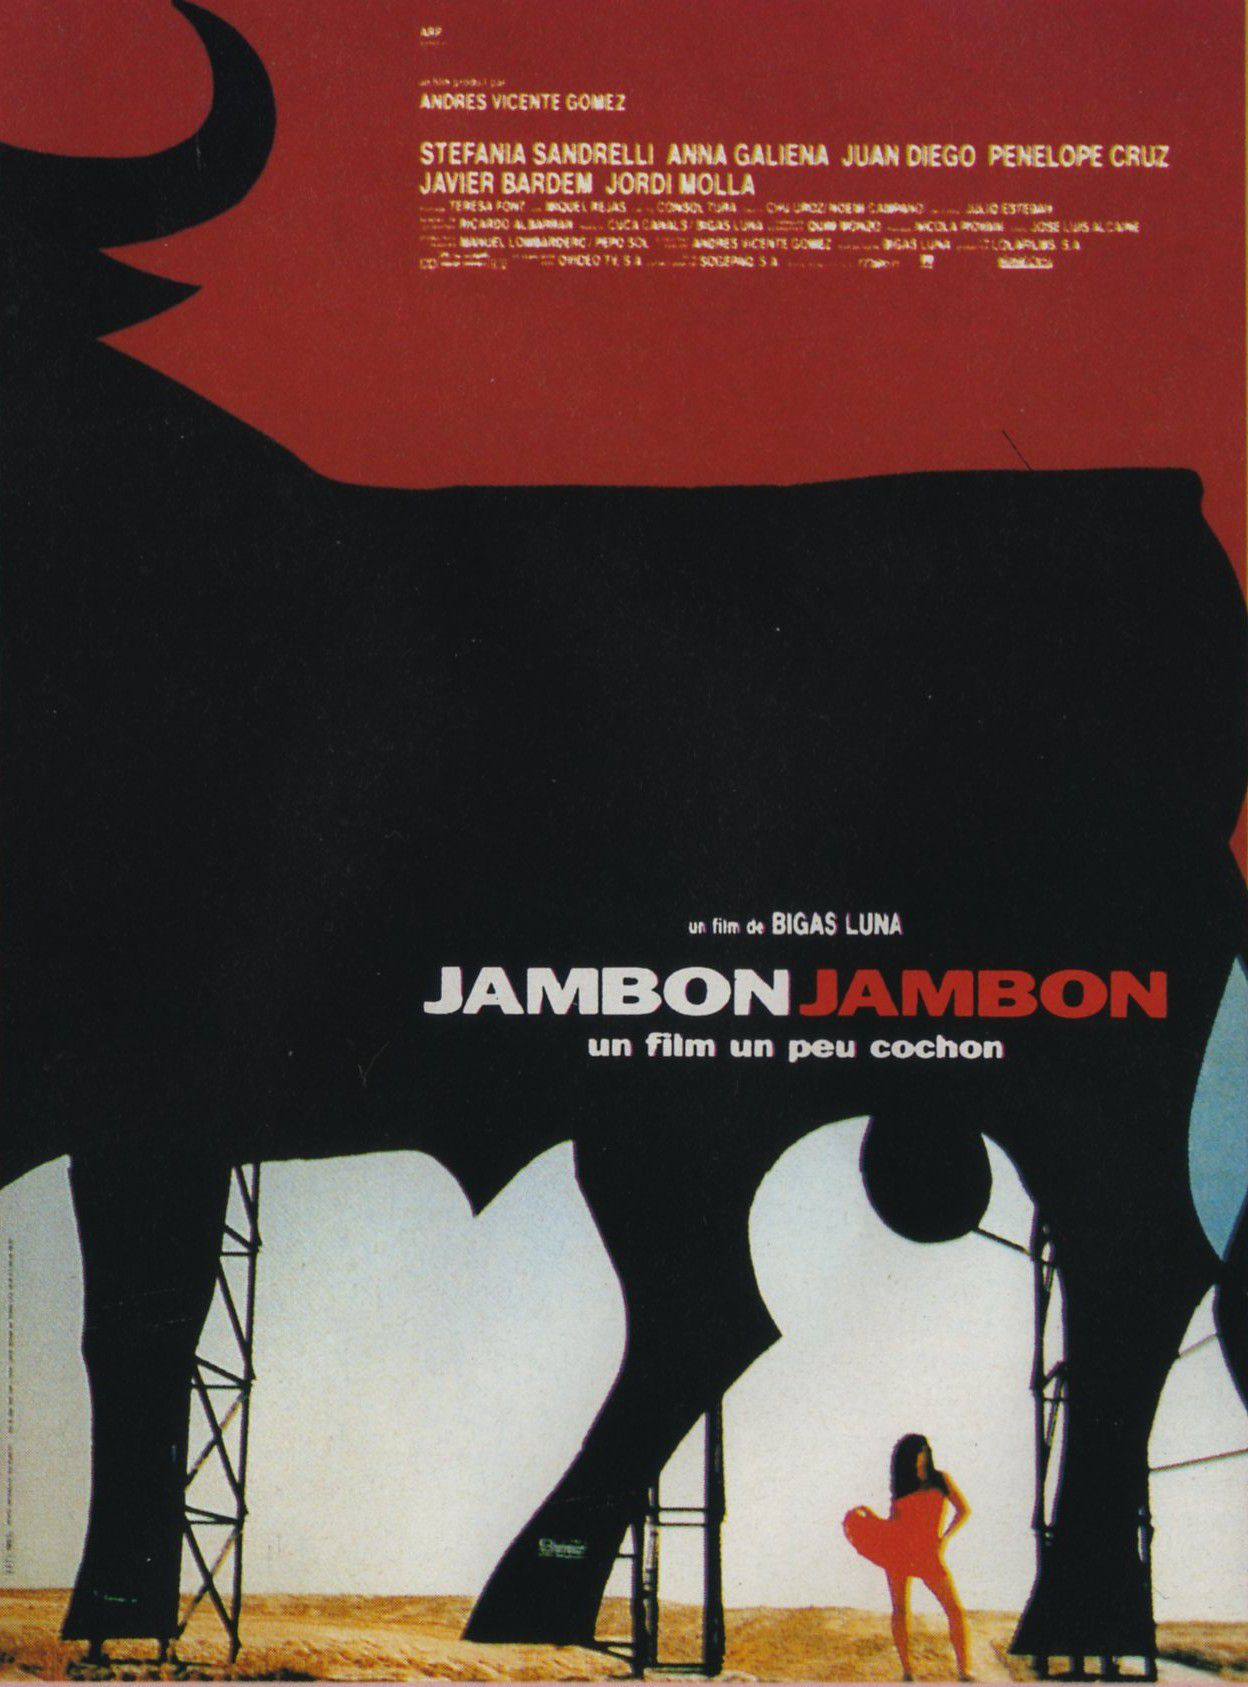 affiche du film Jambon, Jambon